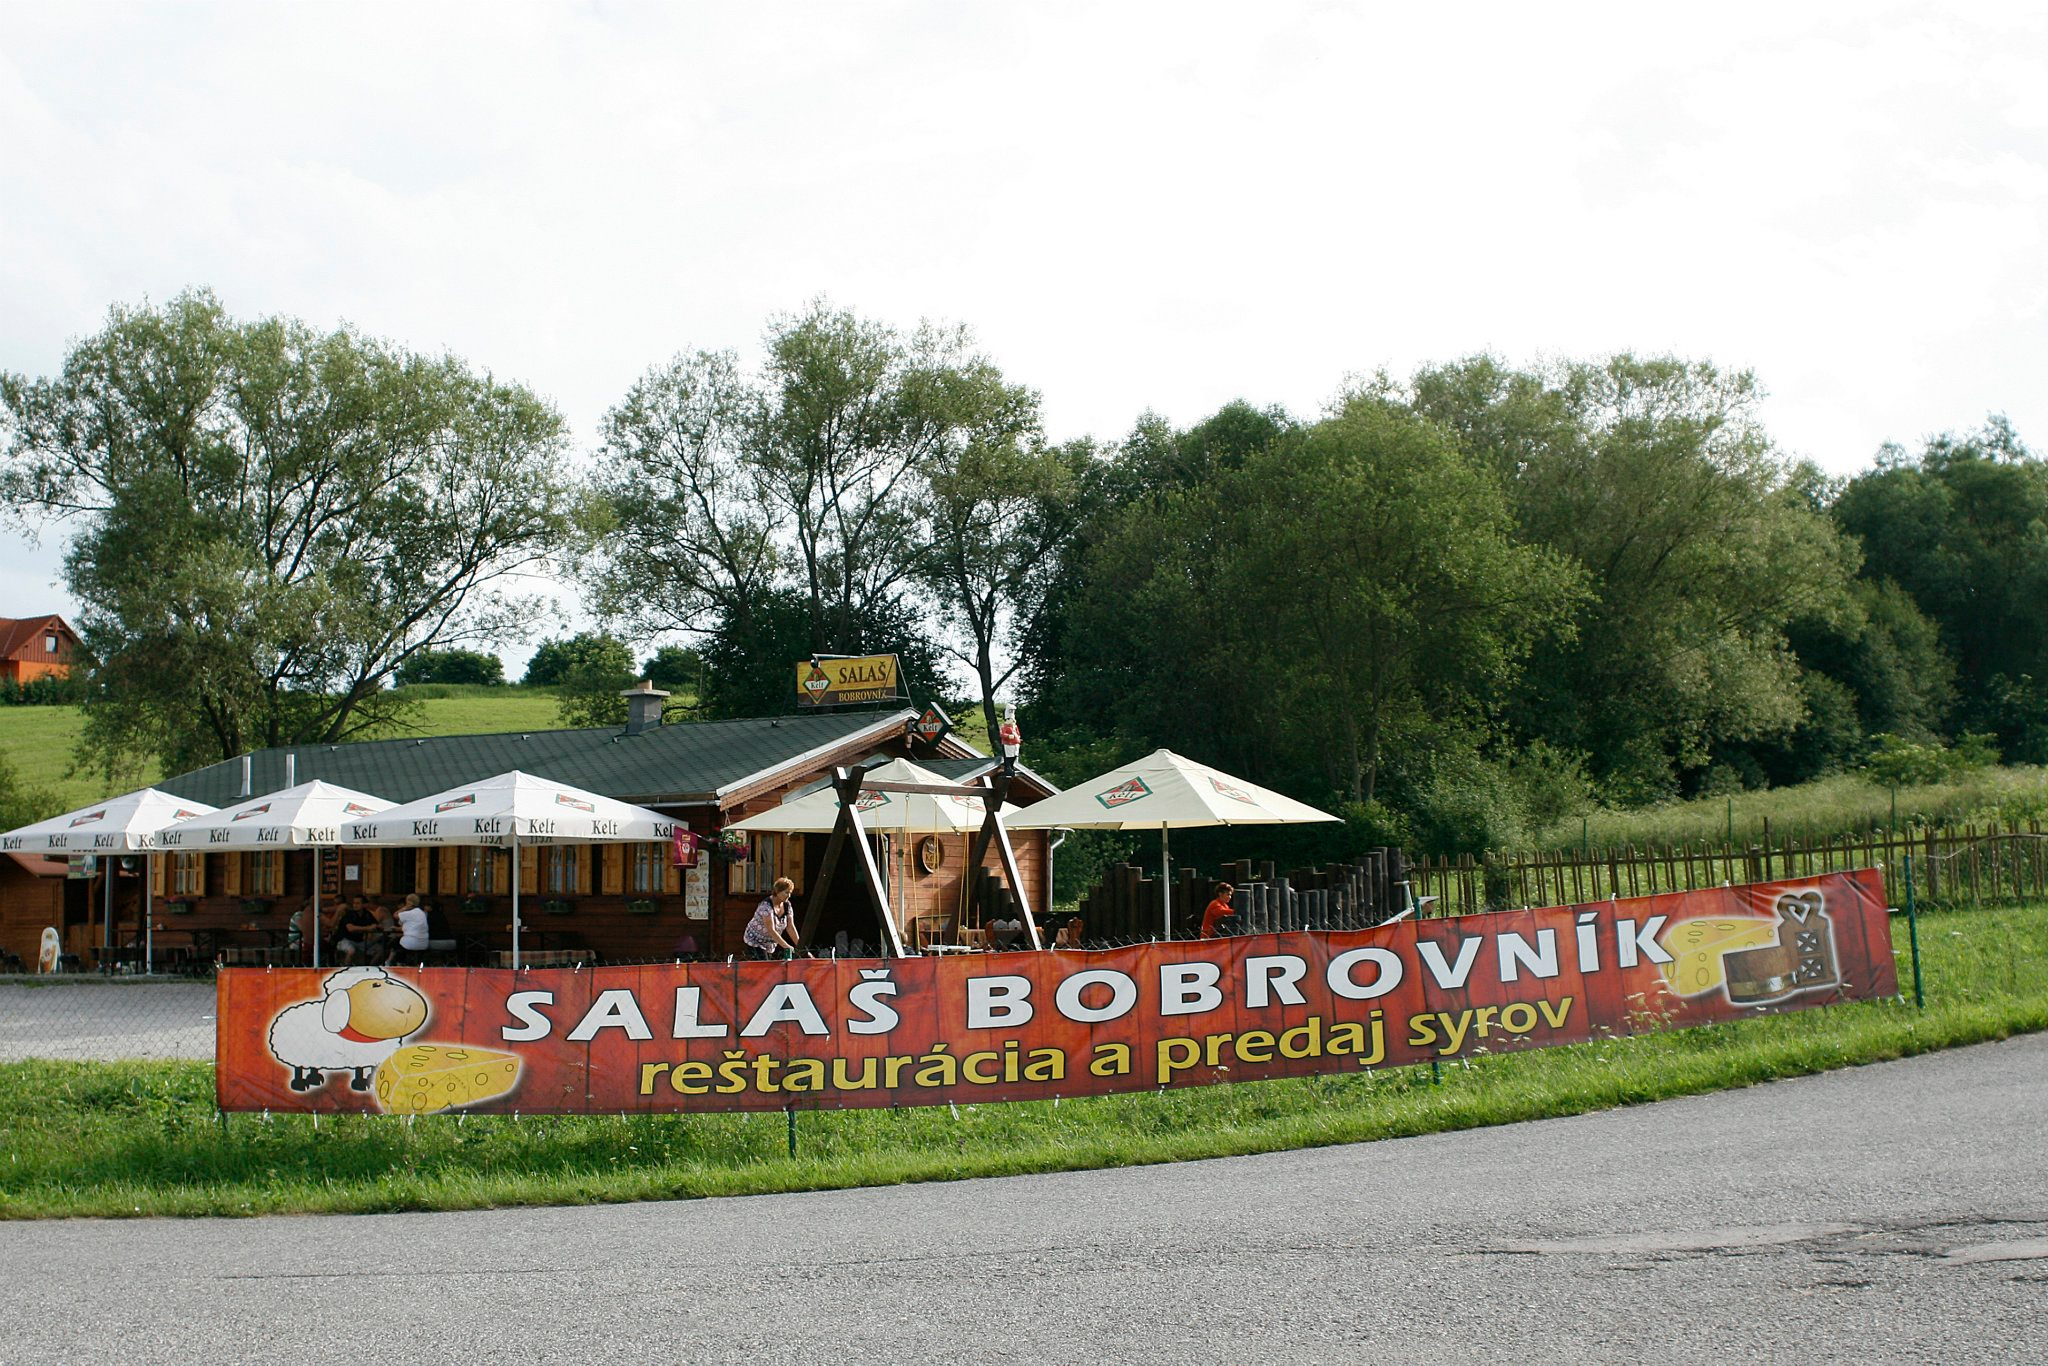 Salaš Bobrovník